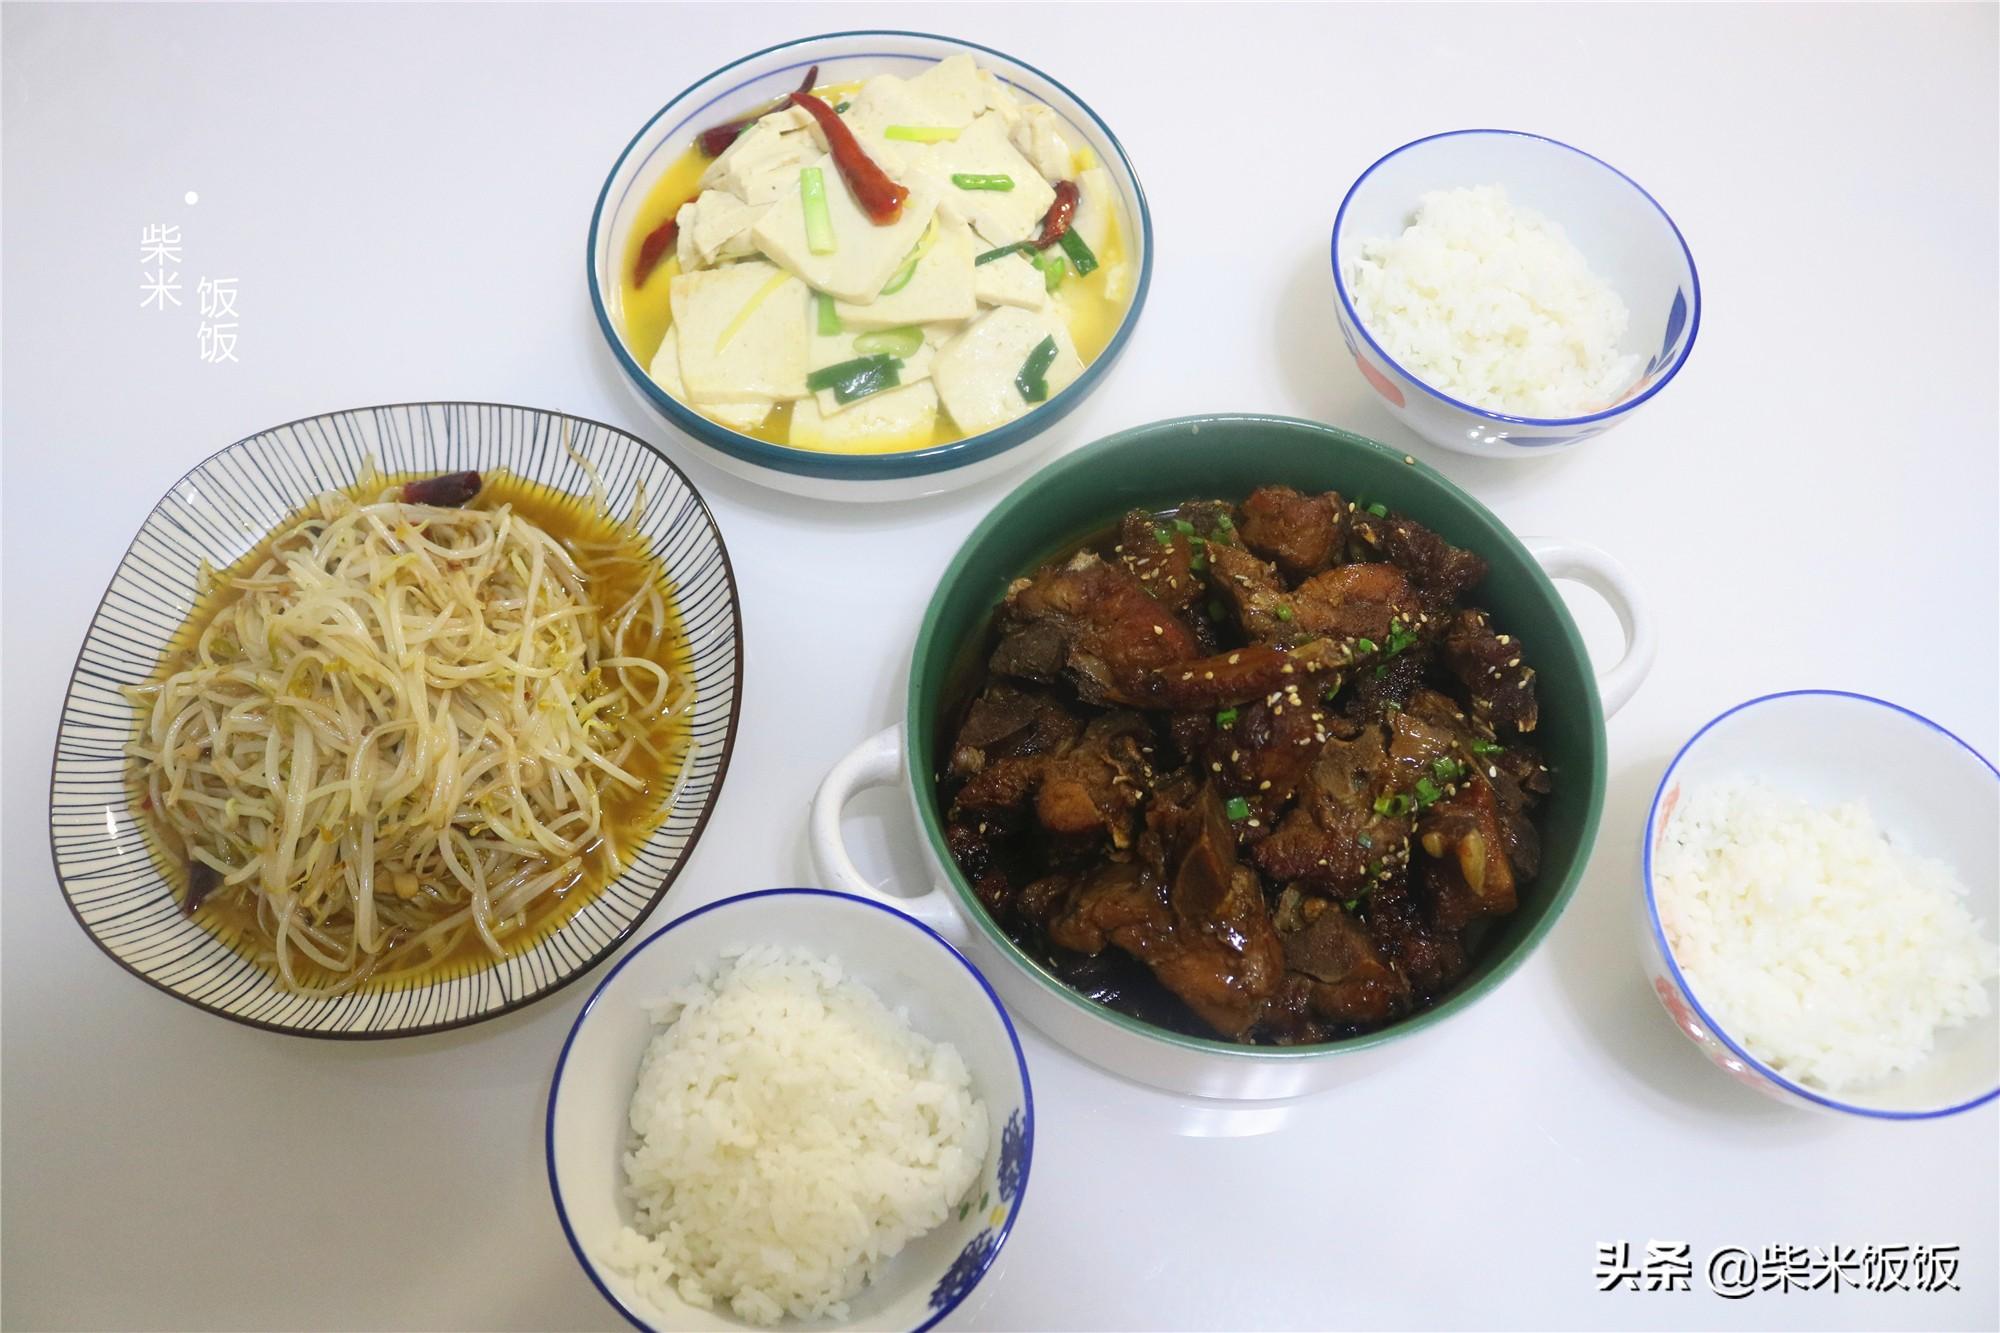 晚餐,全是家常菜,每天花费不到50元,实惠好吃 晚餐 第6张